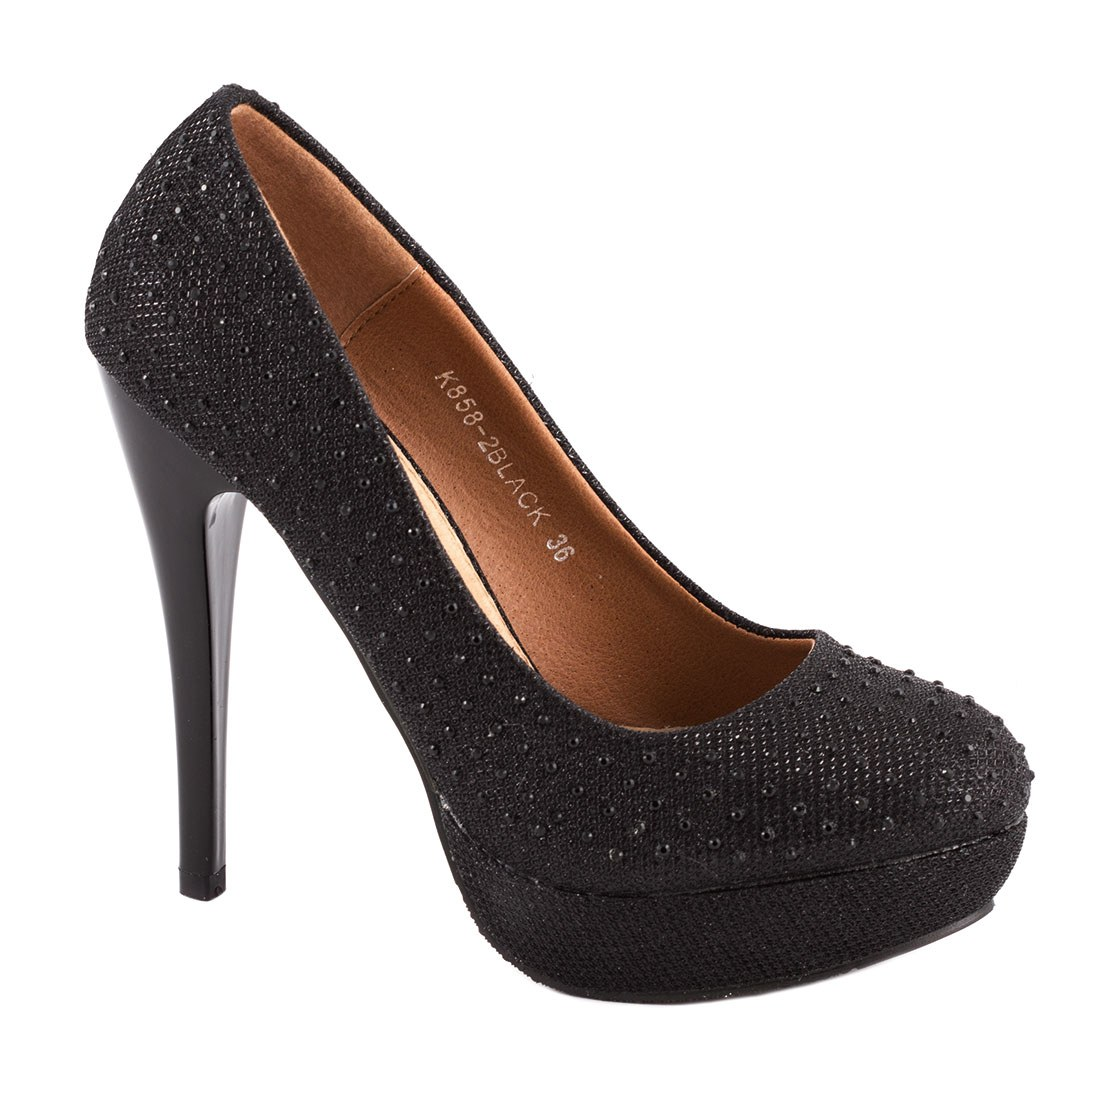 Pantofi dama cu strasuri K858-2NEGRU